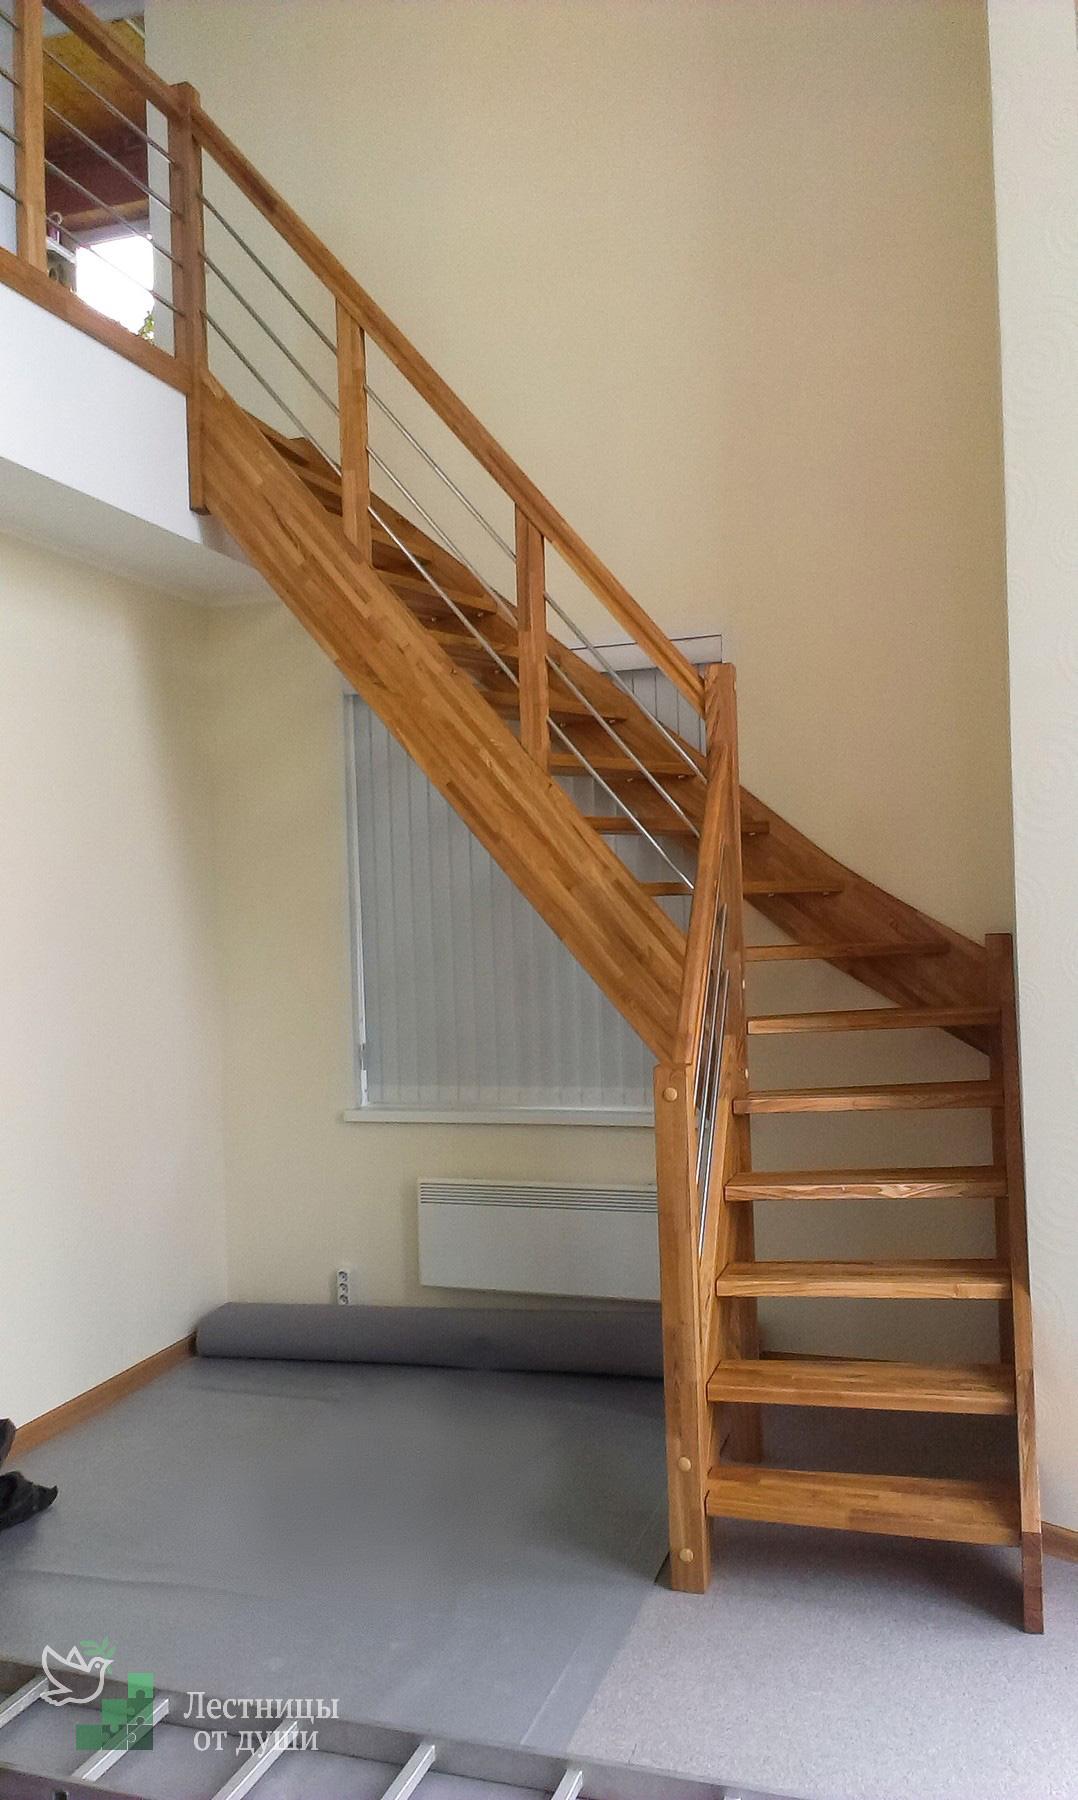 Лестница из ясеня на балкон второго этажа с ограждениями из нержавейки